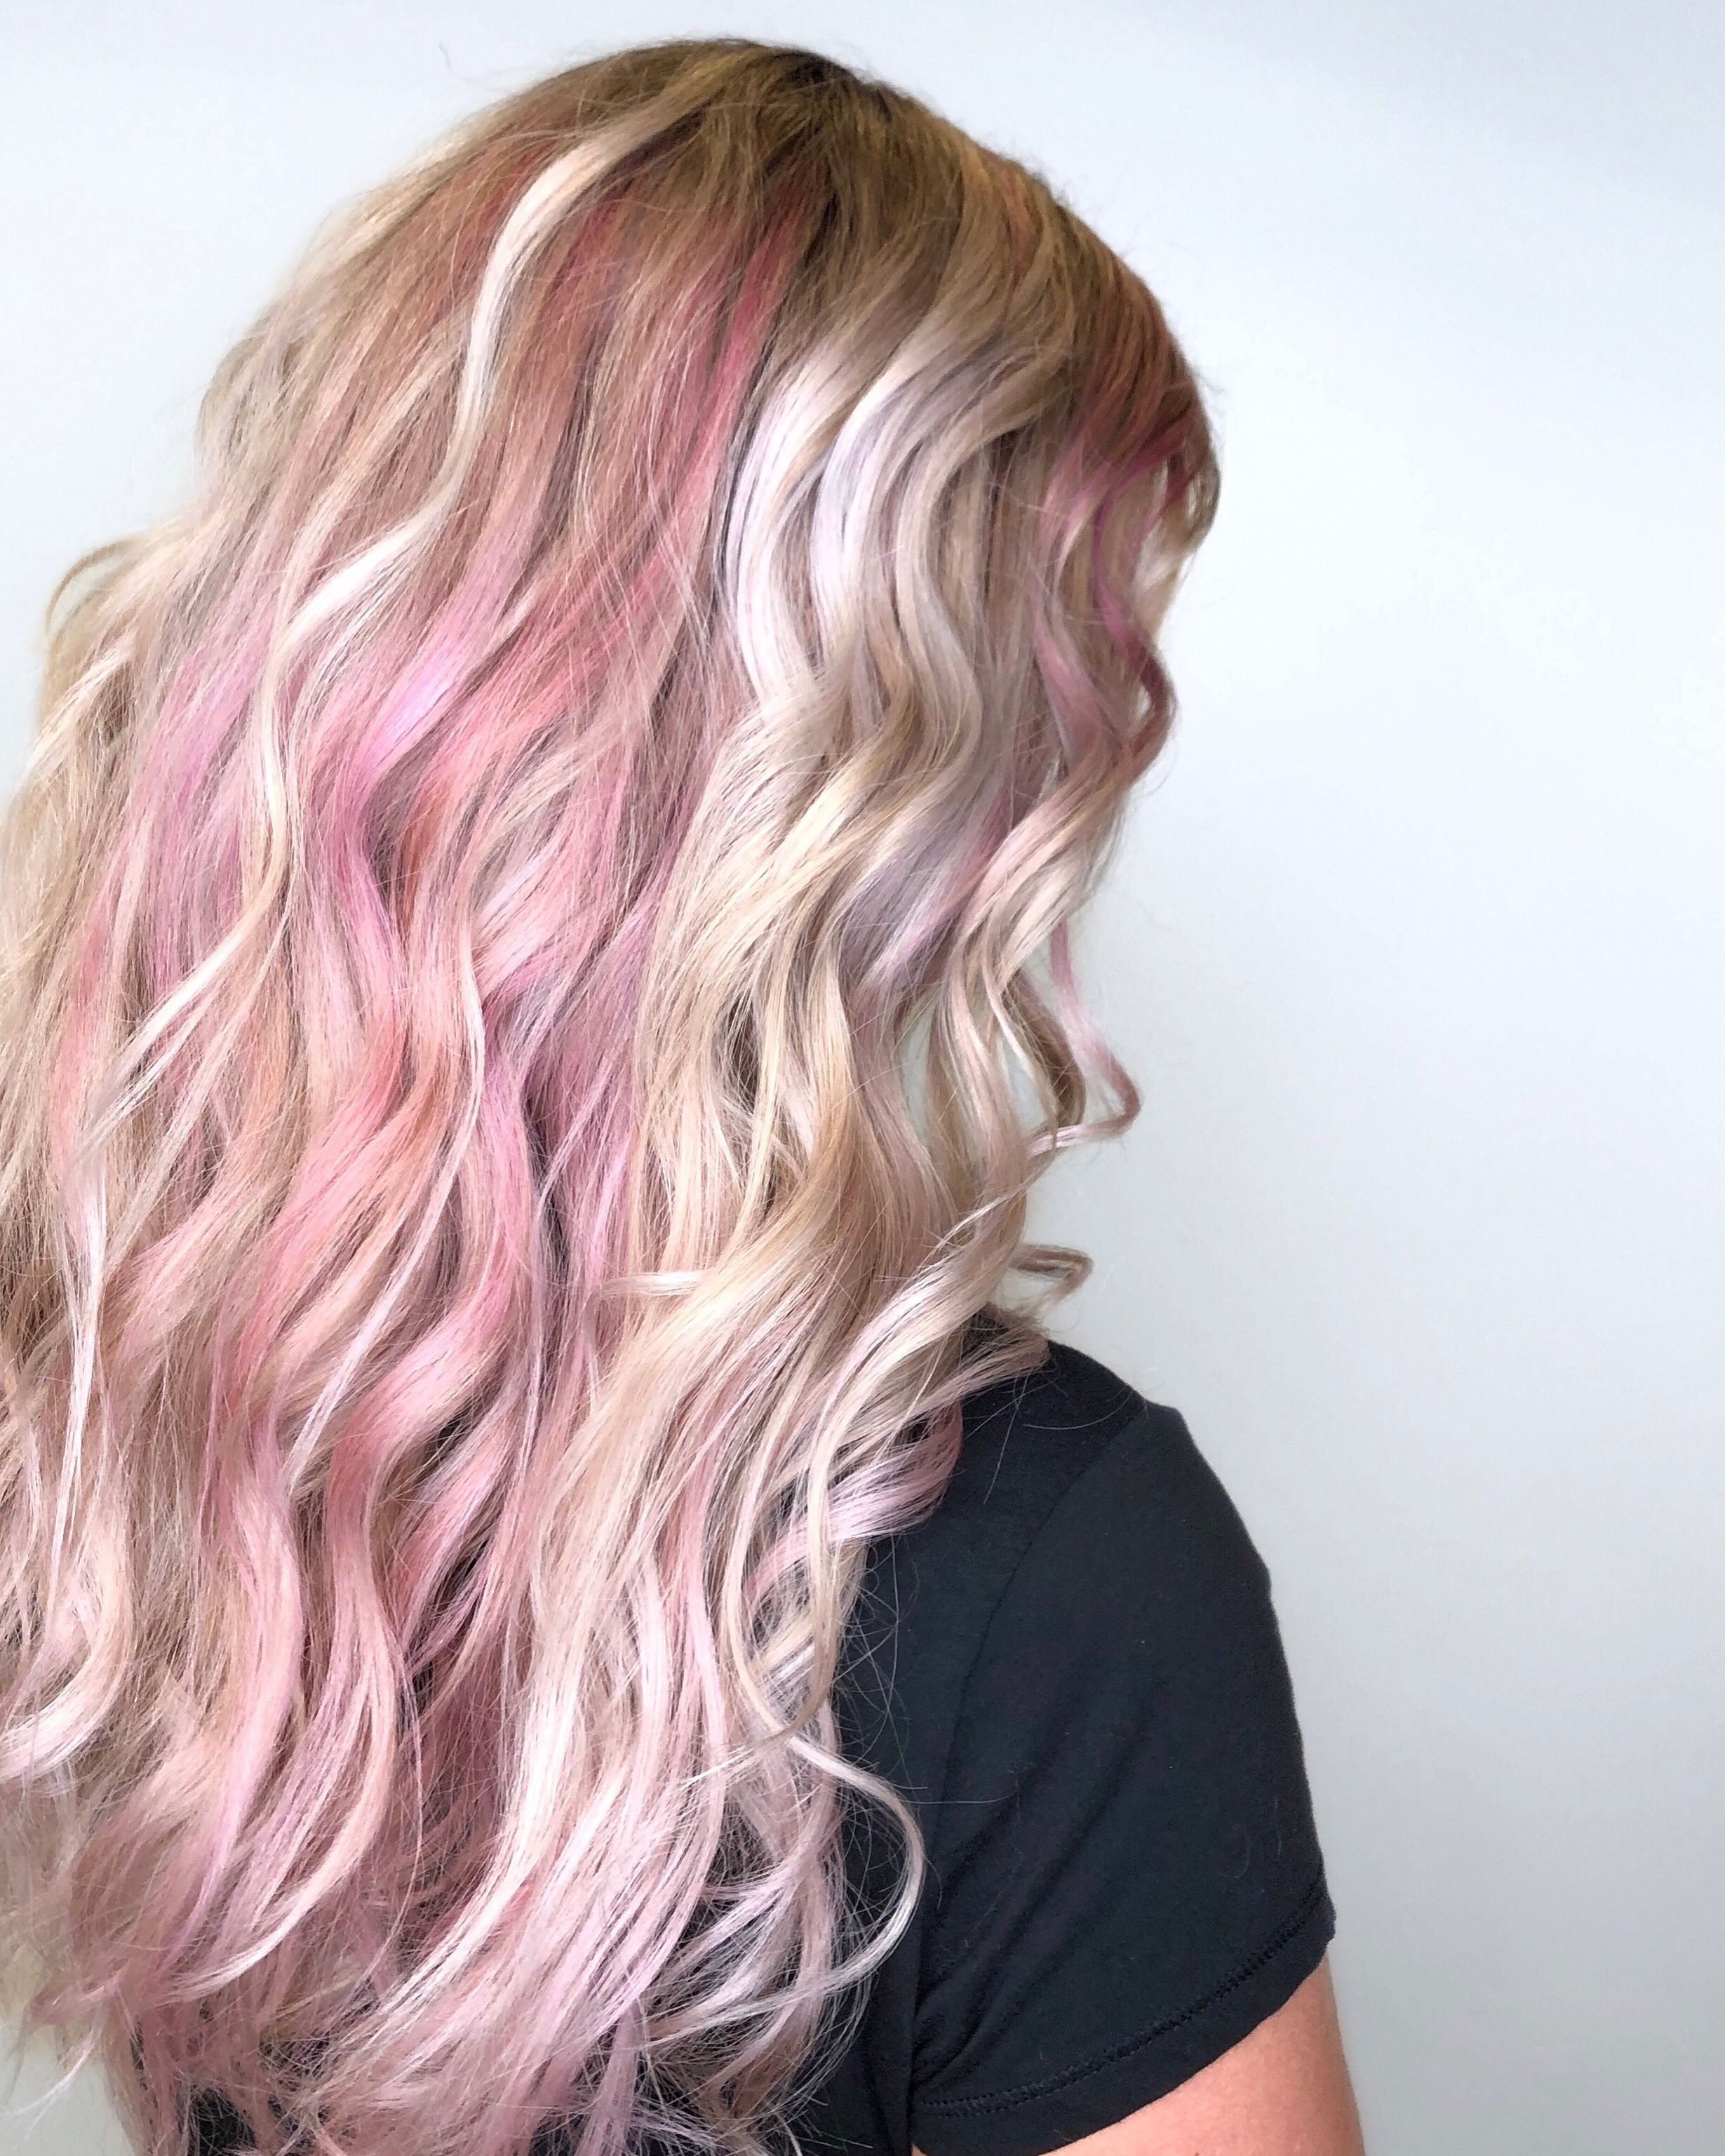 Silver Platinum Blonde Hair With Pastel Pink Khloe Kardashian